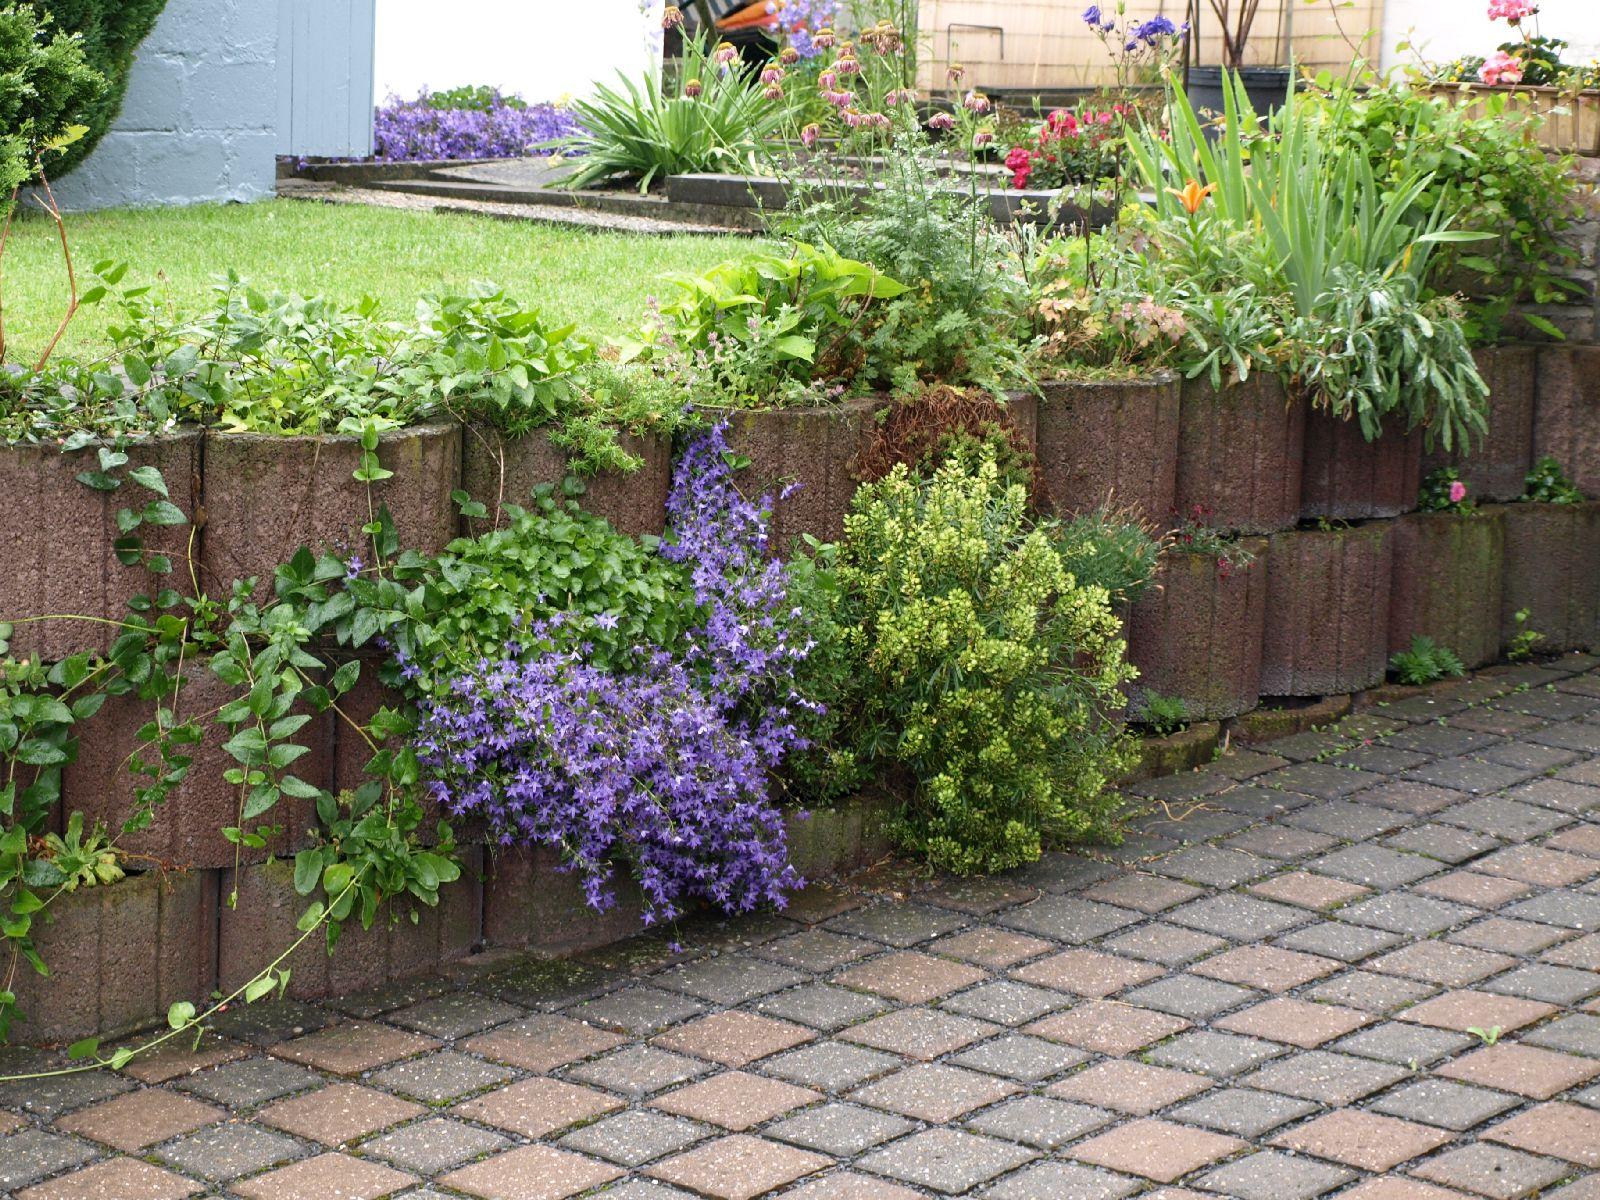 Pflanzen-Blumen-Foto_Textur_B_P6213551